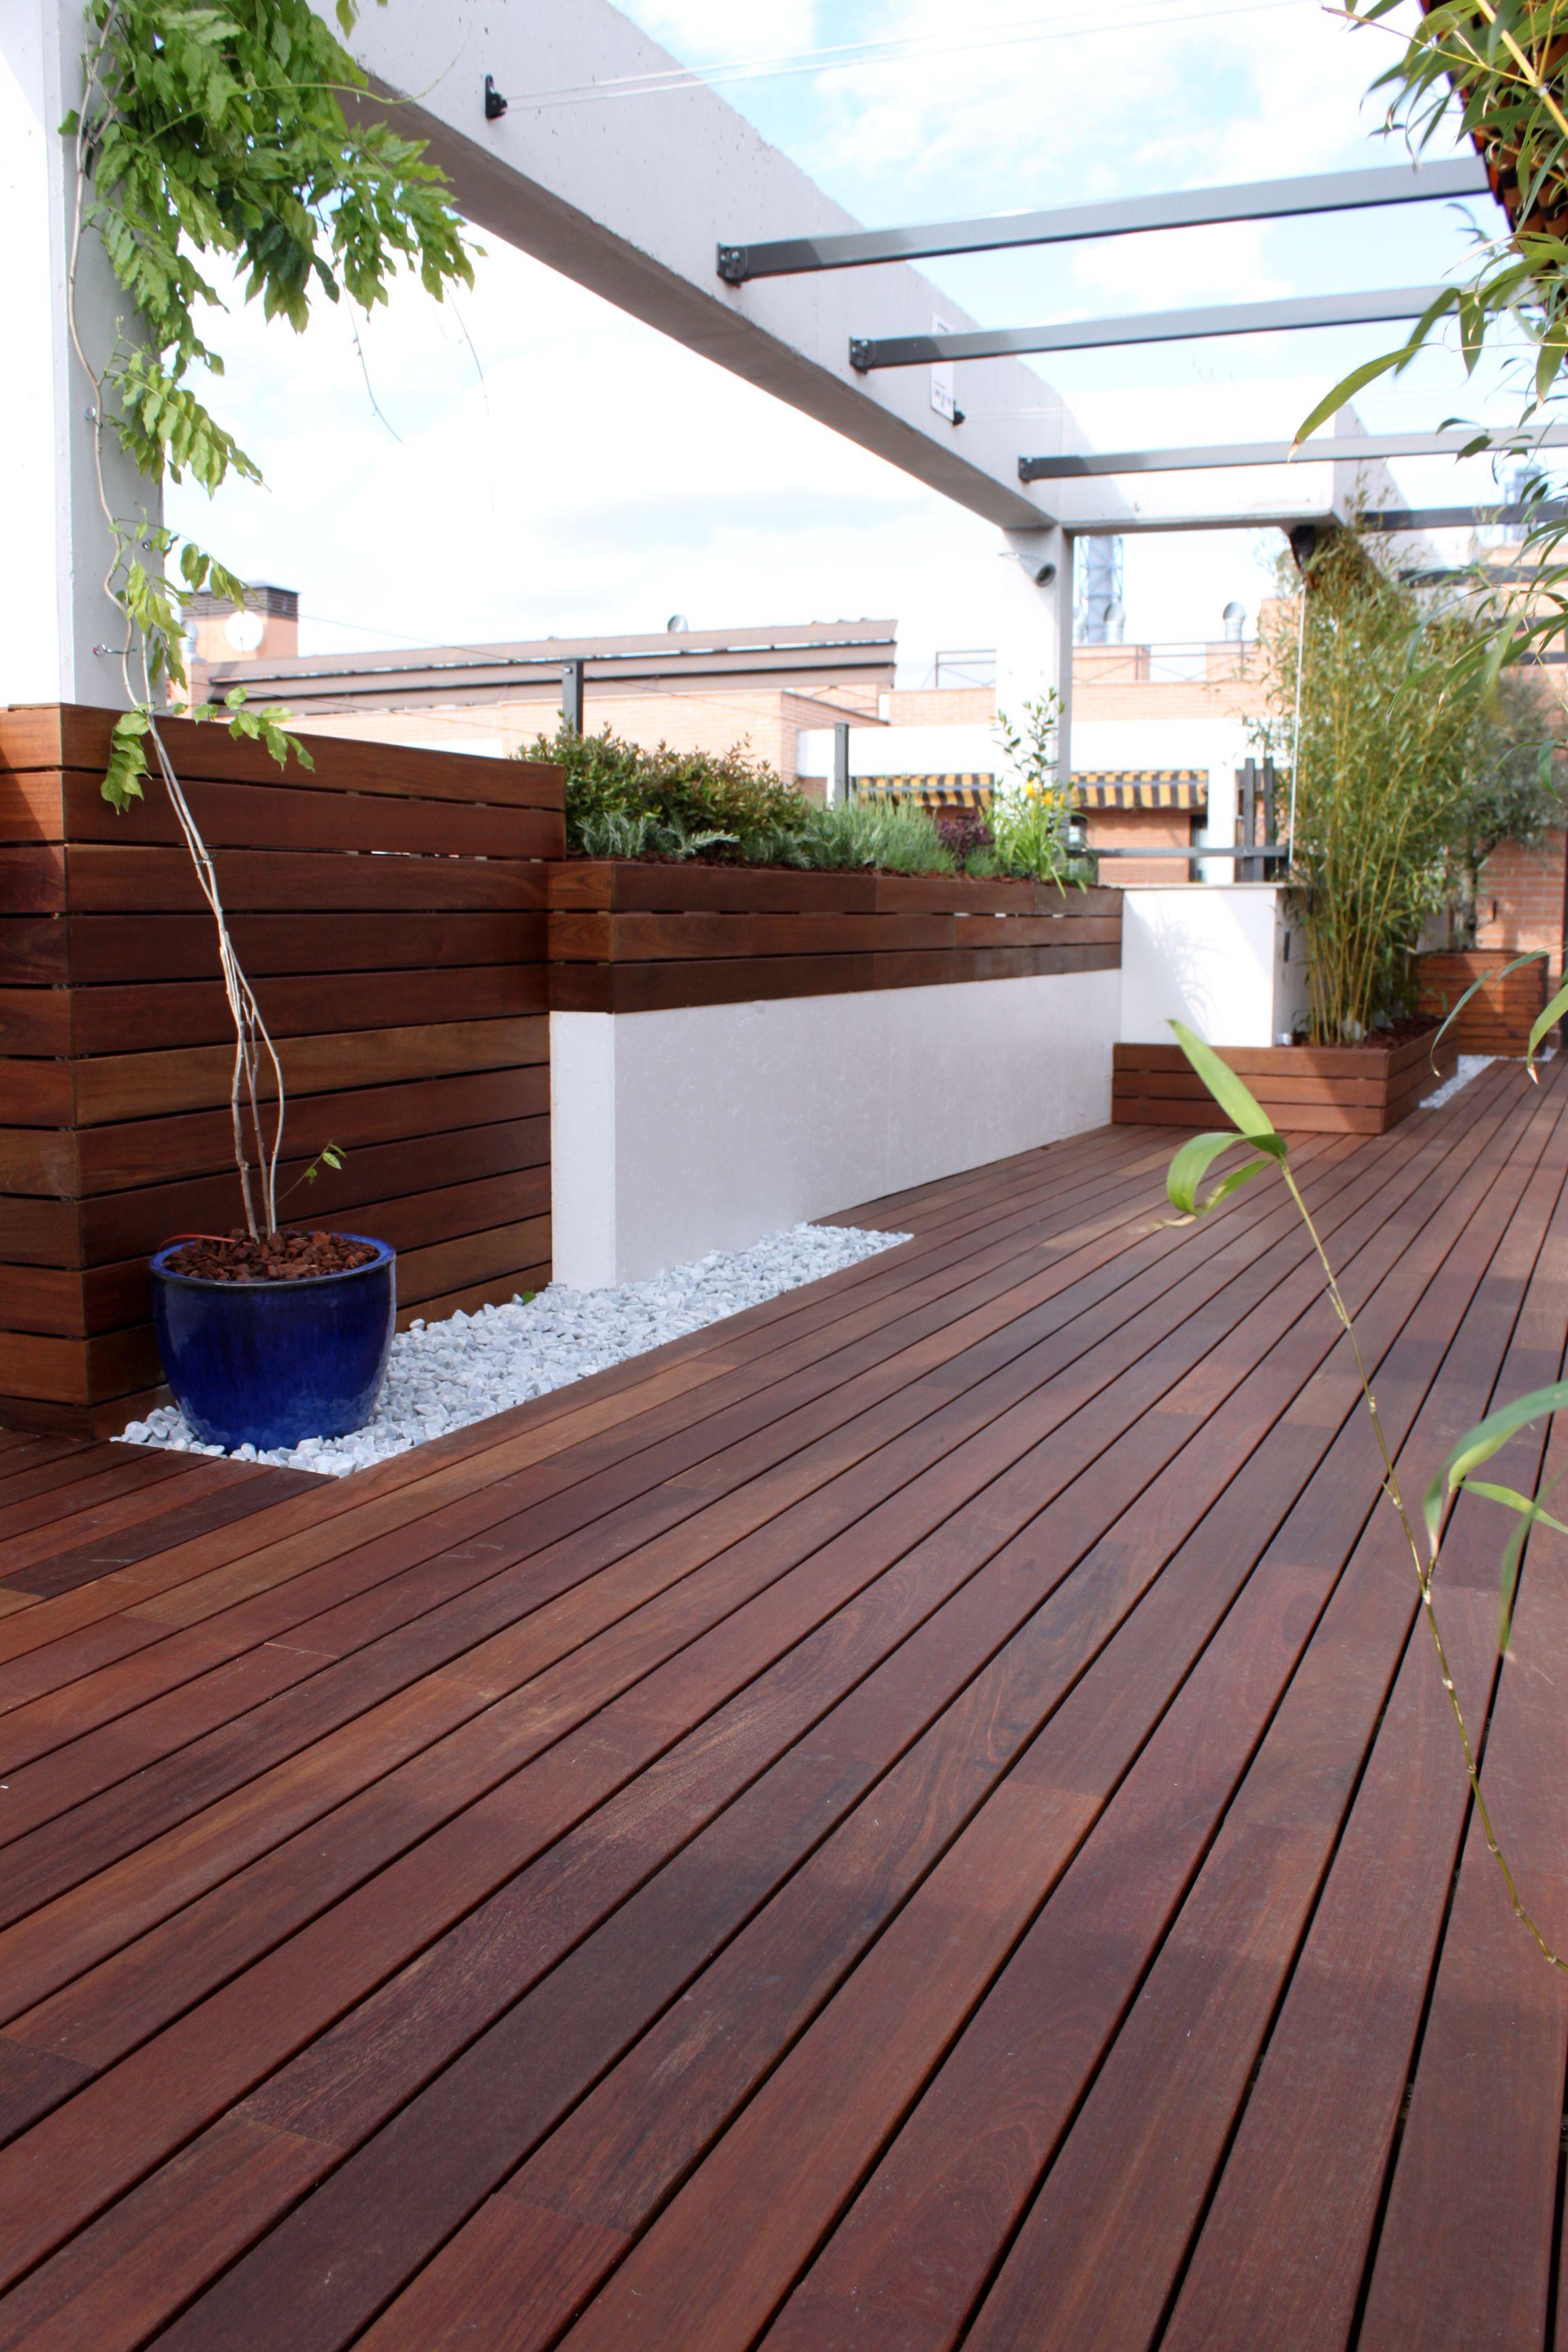 Nuestro m s reciente jard n es un precioso proyecto - Terrazas y jardines ...